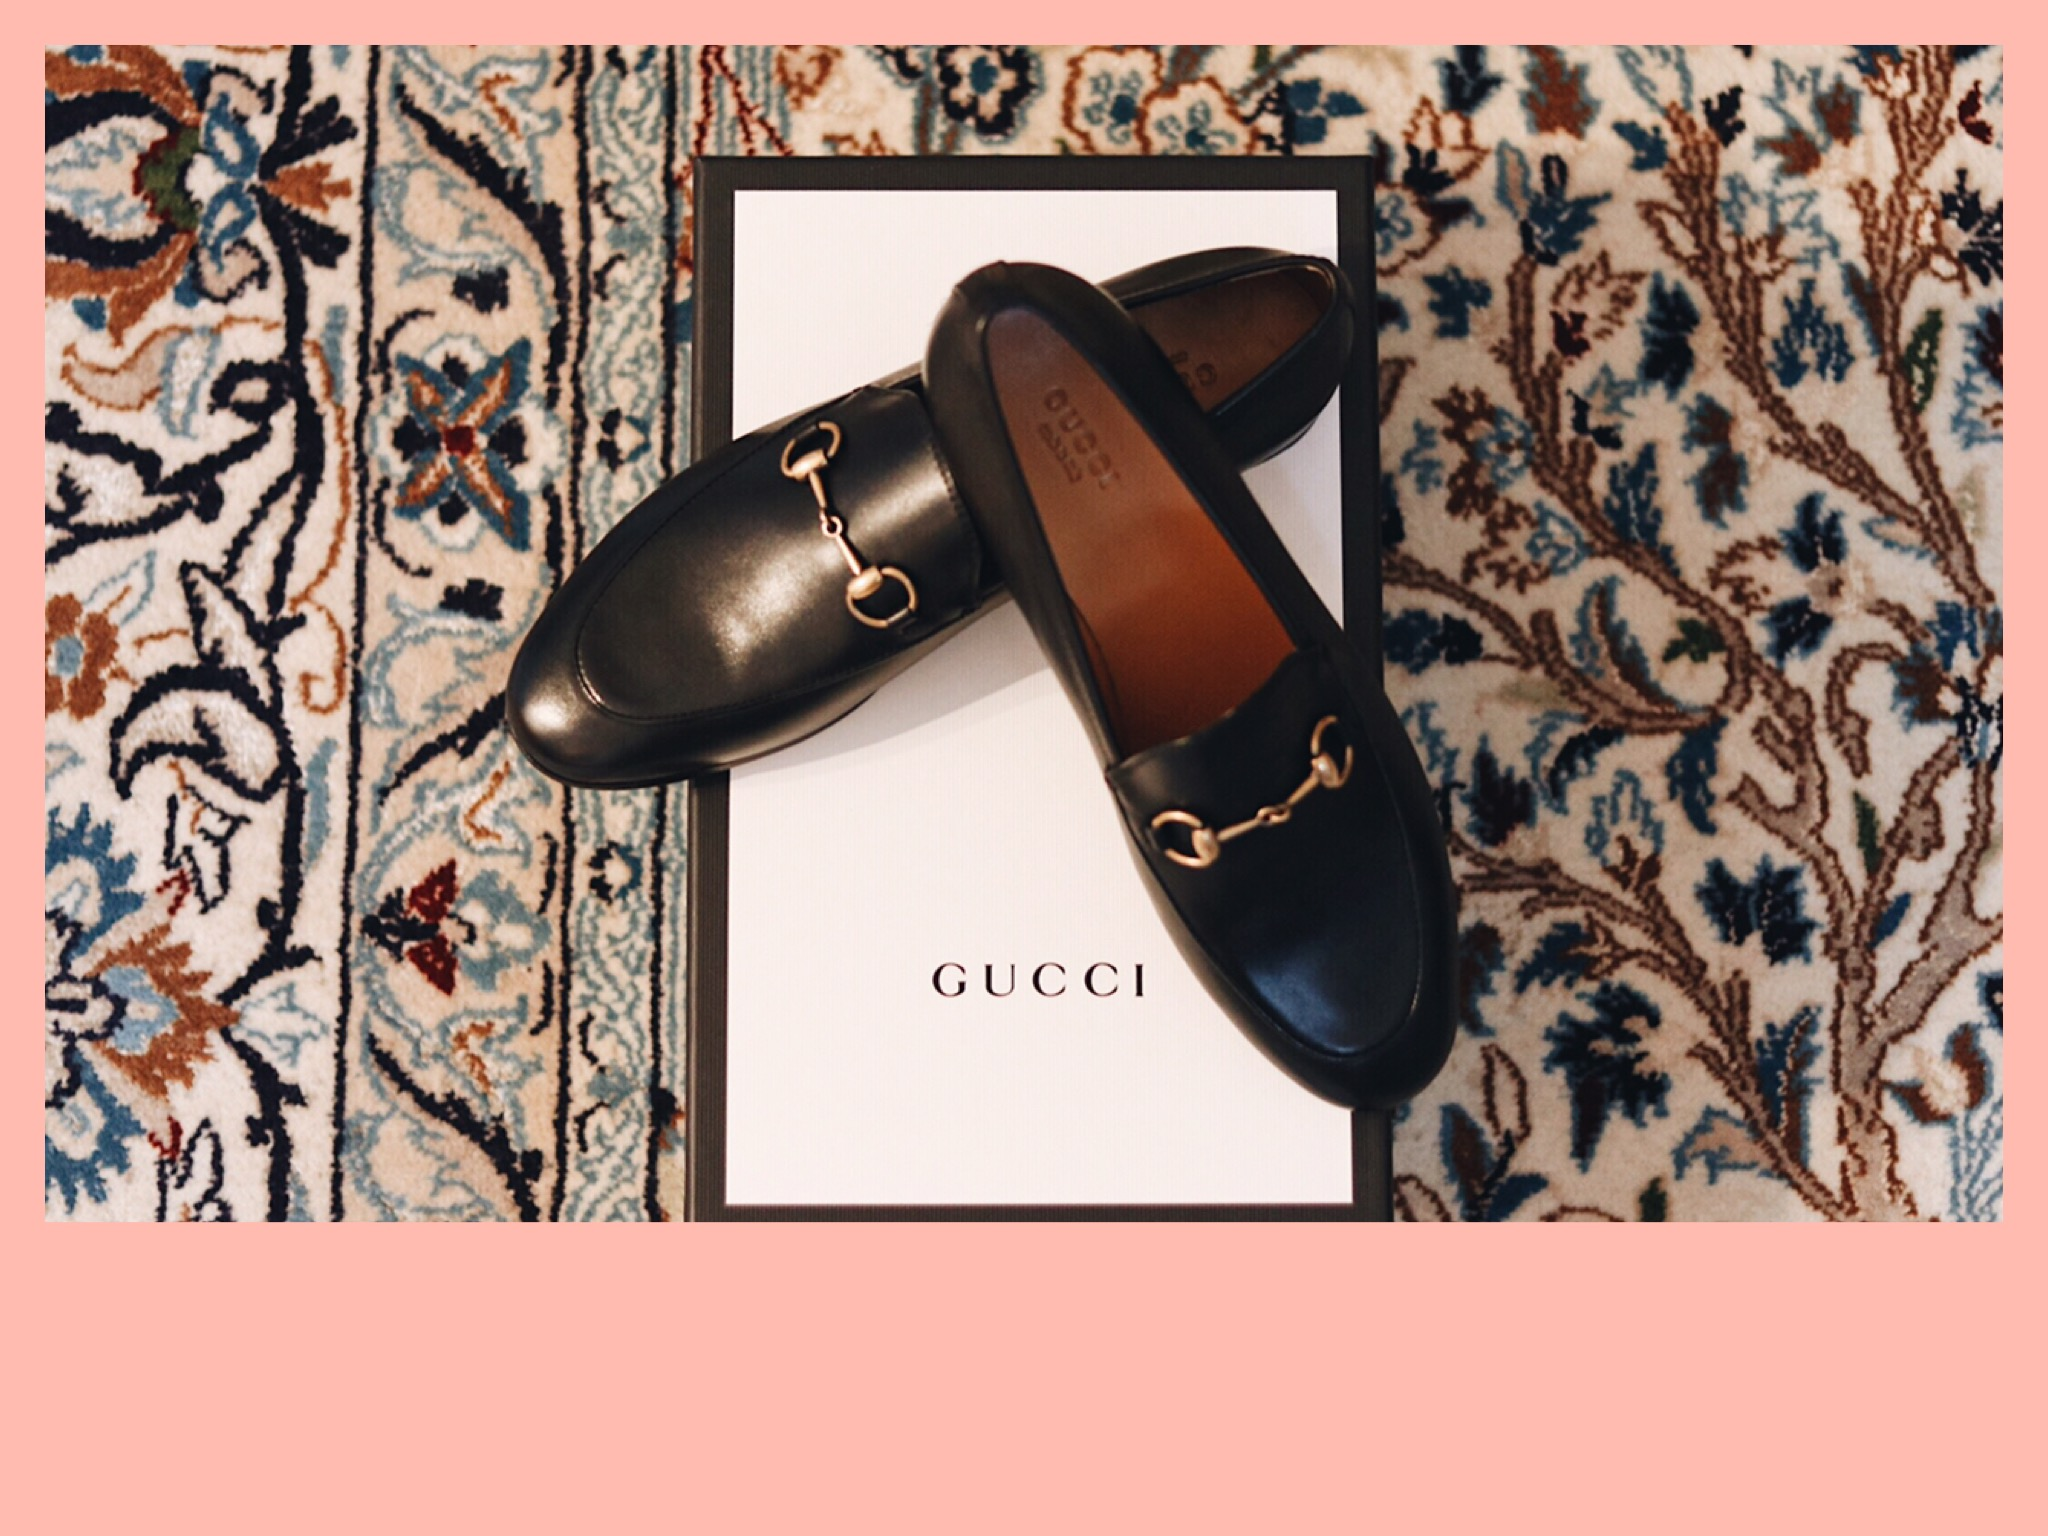 Meine Gucci Slipper Loafer Schuhtrends auf meinem Modeblog